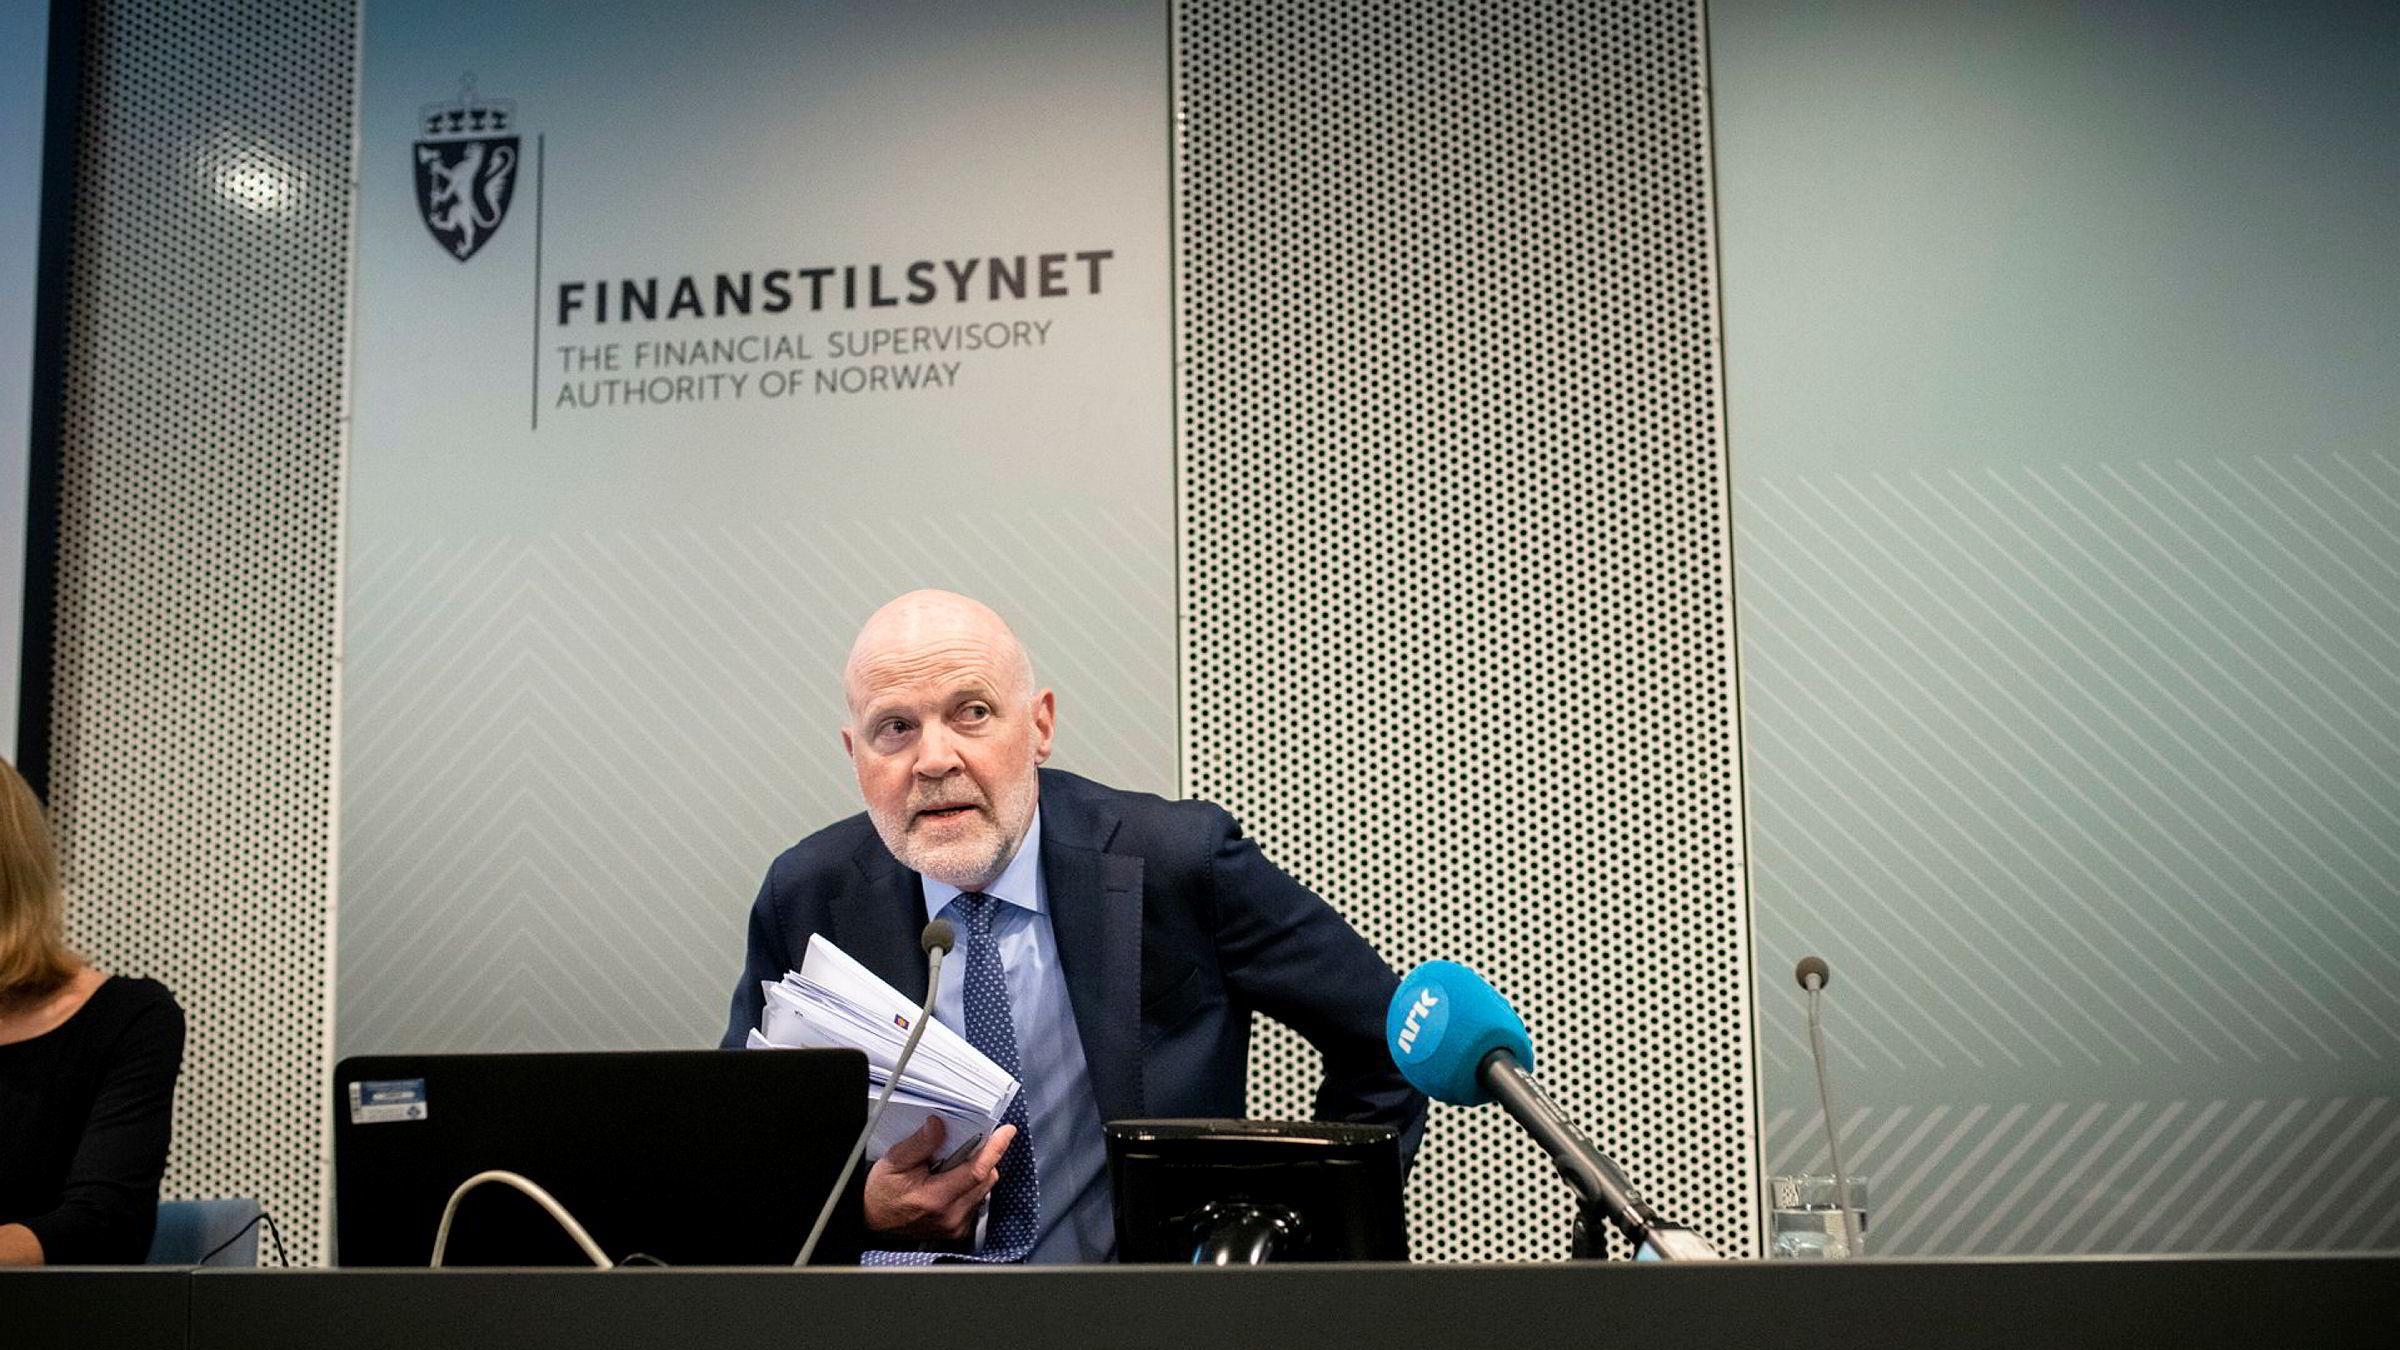 Finanstilsynets direktør Morten Baltzersen er i ferd med å utforme de første utkastene til krisetiltaksplaner for en del norske banker, skriver artikkelforfatteren.